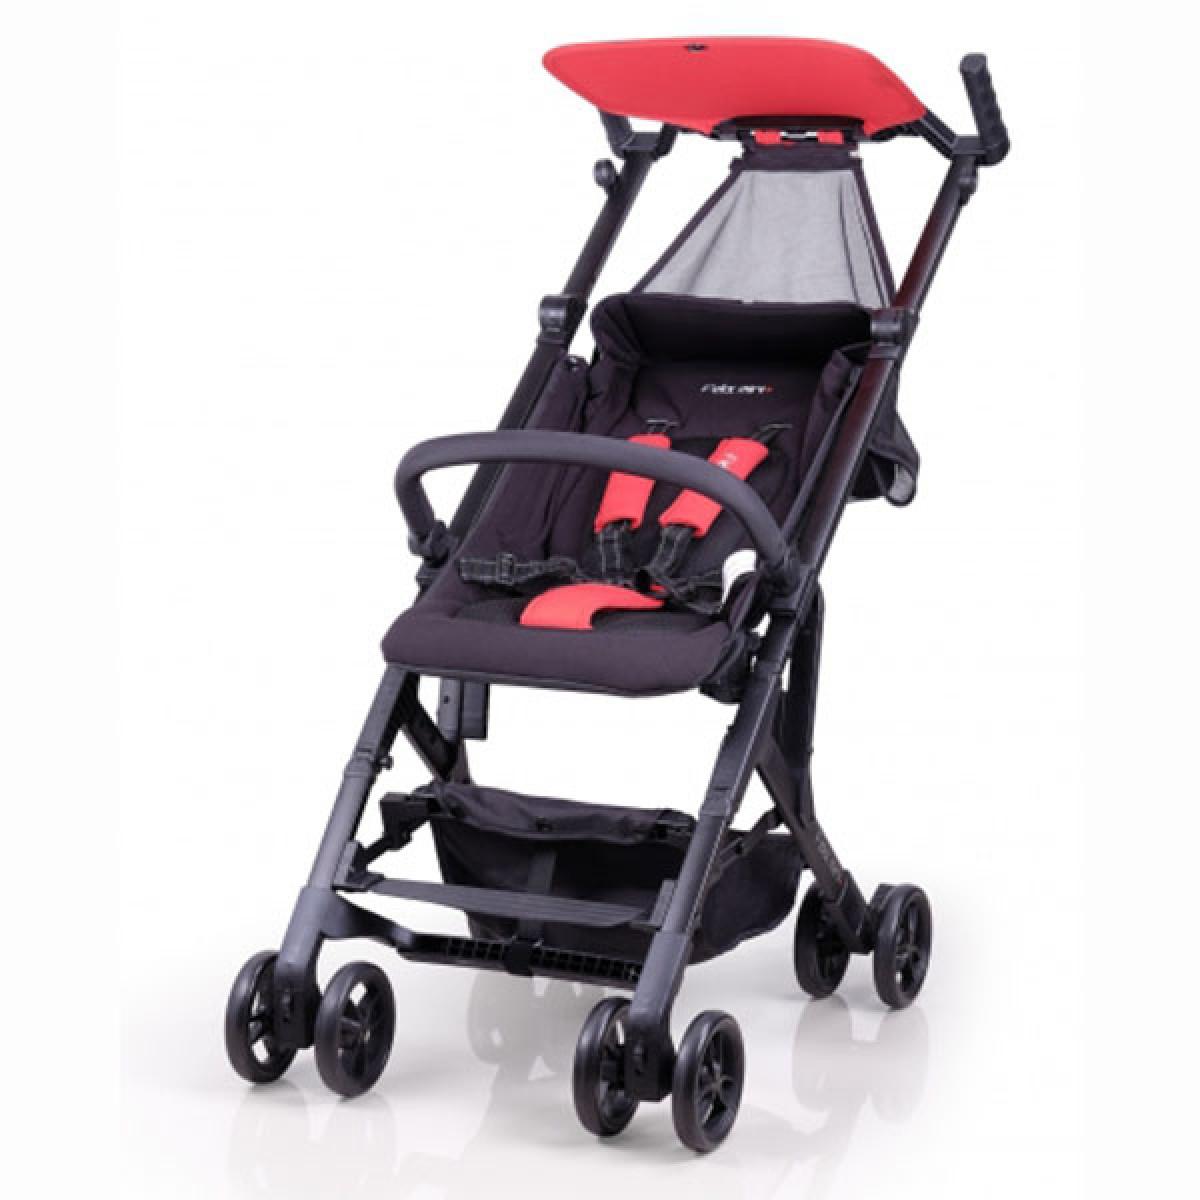 FELIX MINI COMPACT STROLLER - Kico Baby Center